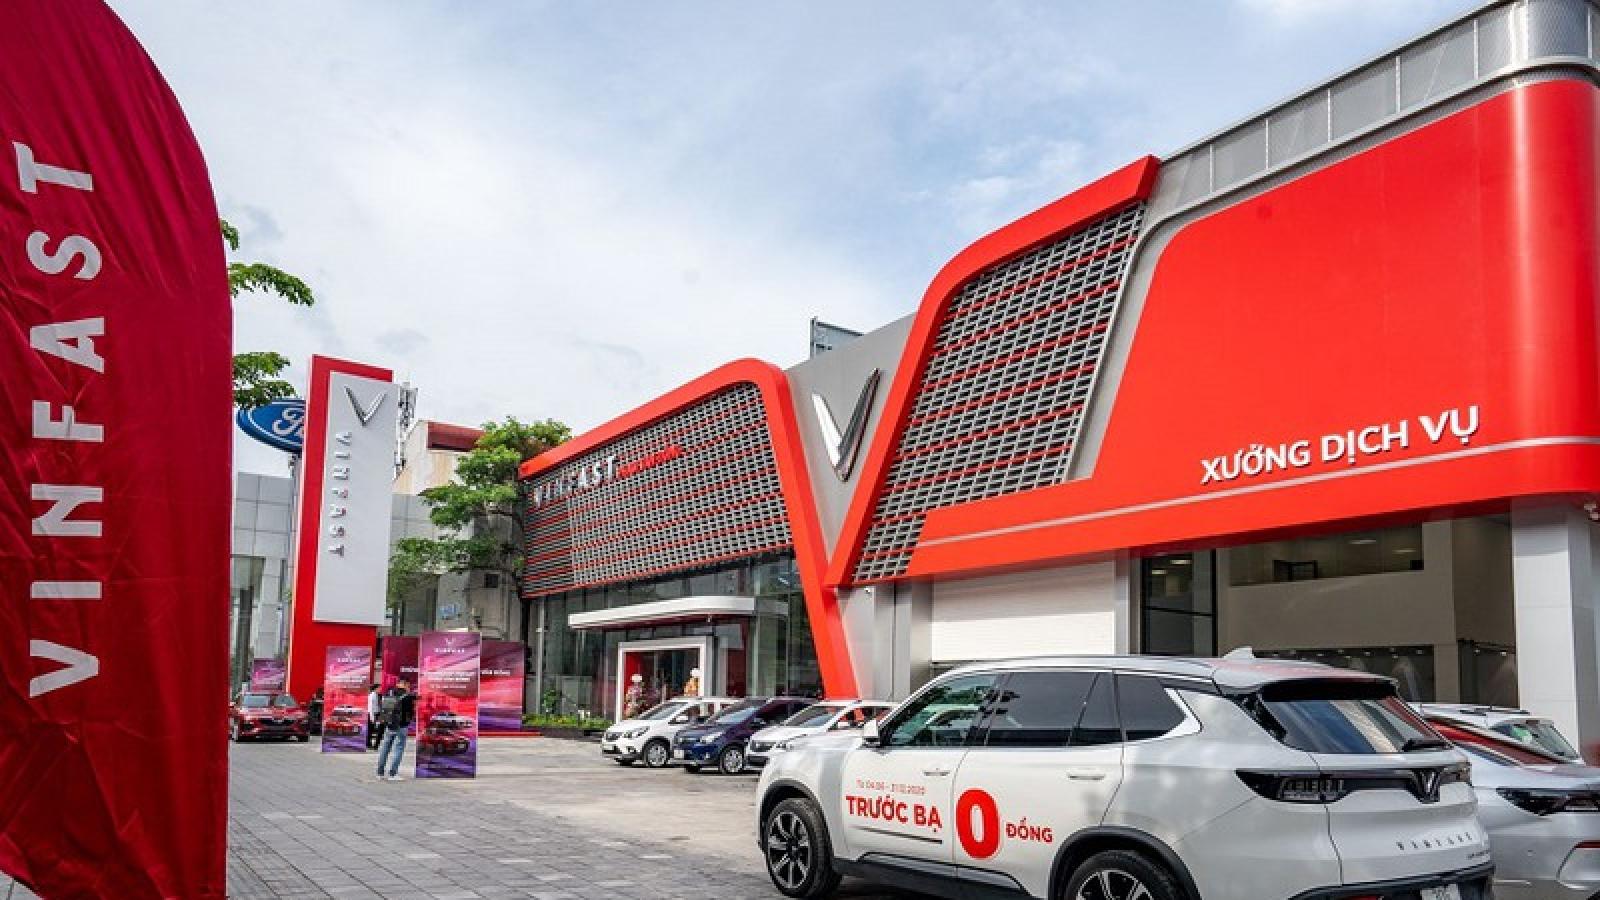 Khám phá showroom VinFast mới rộng 2.000m2 tại Hà Nội